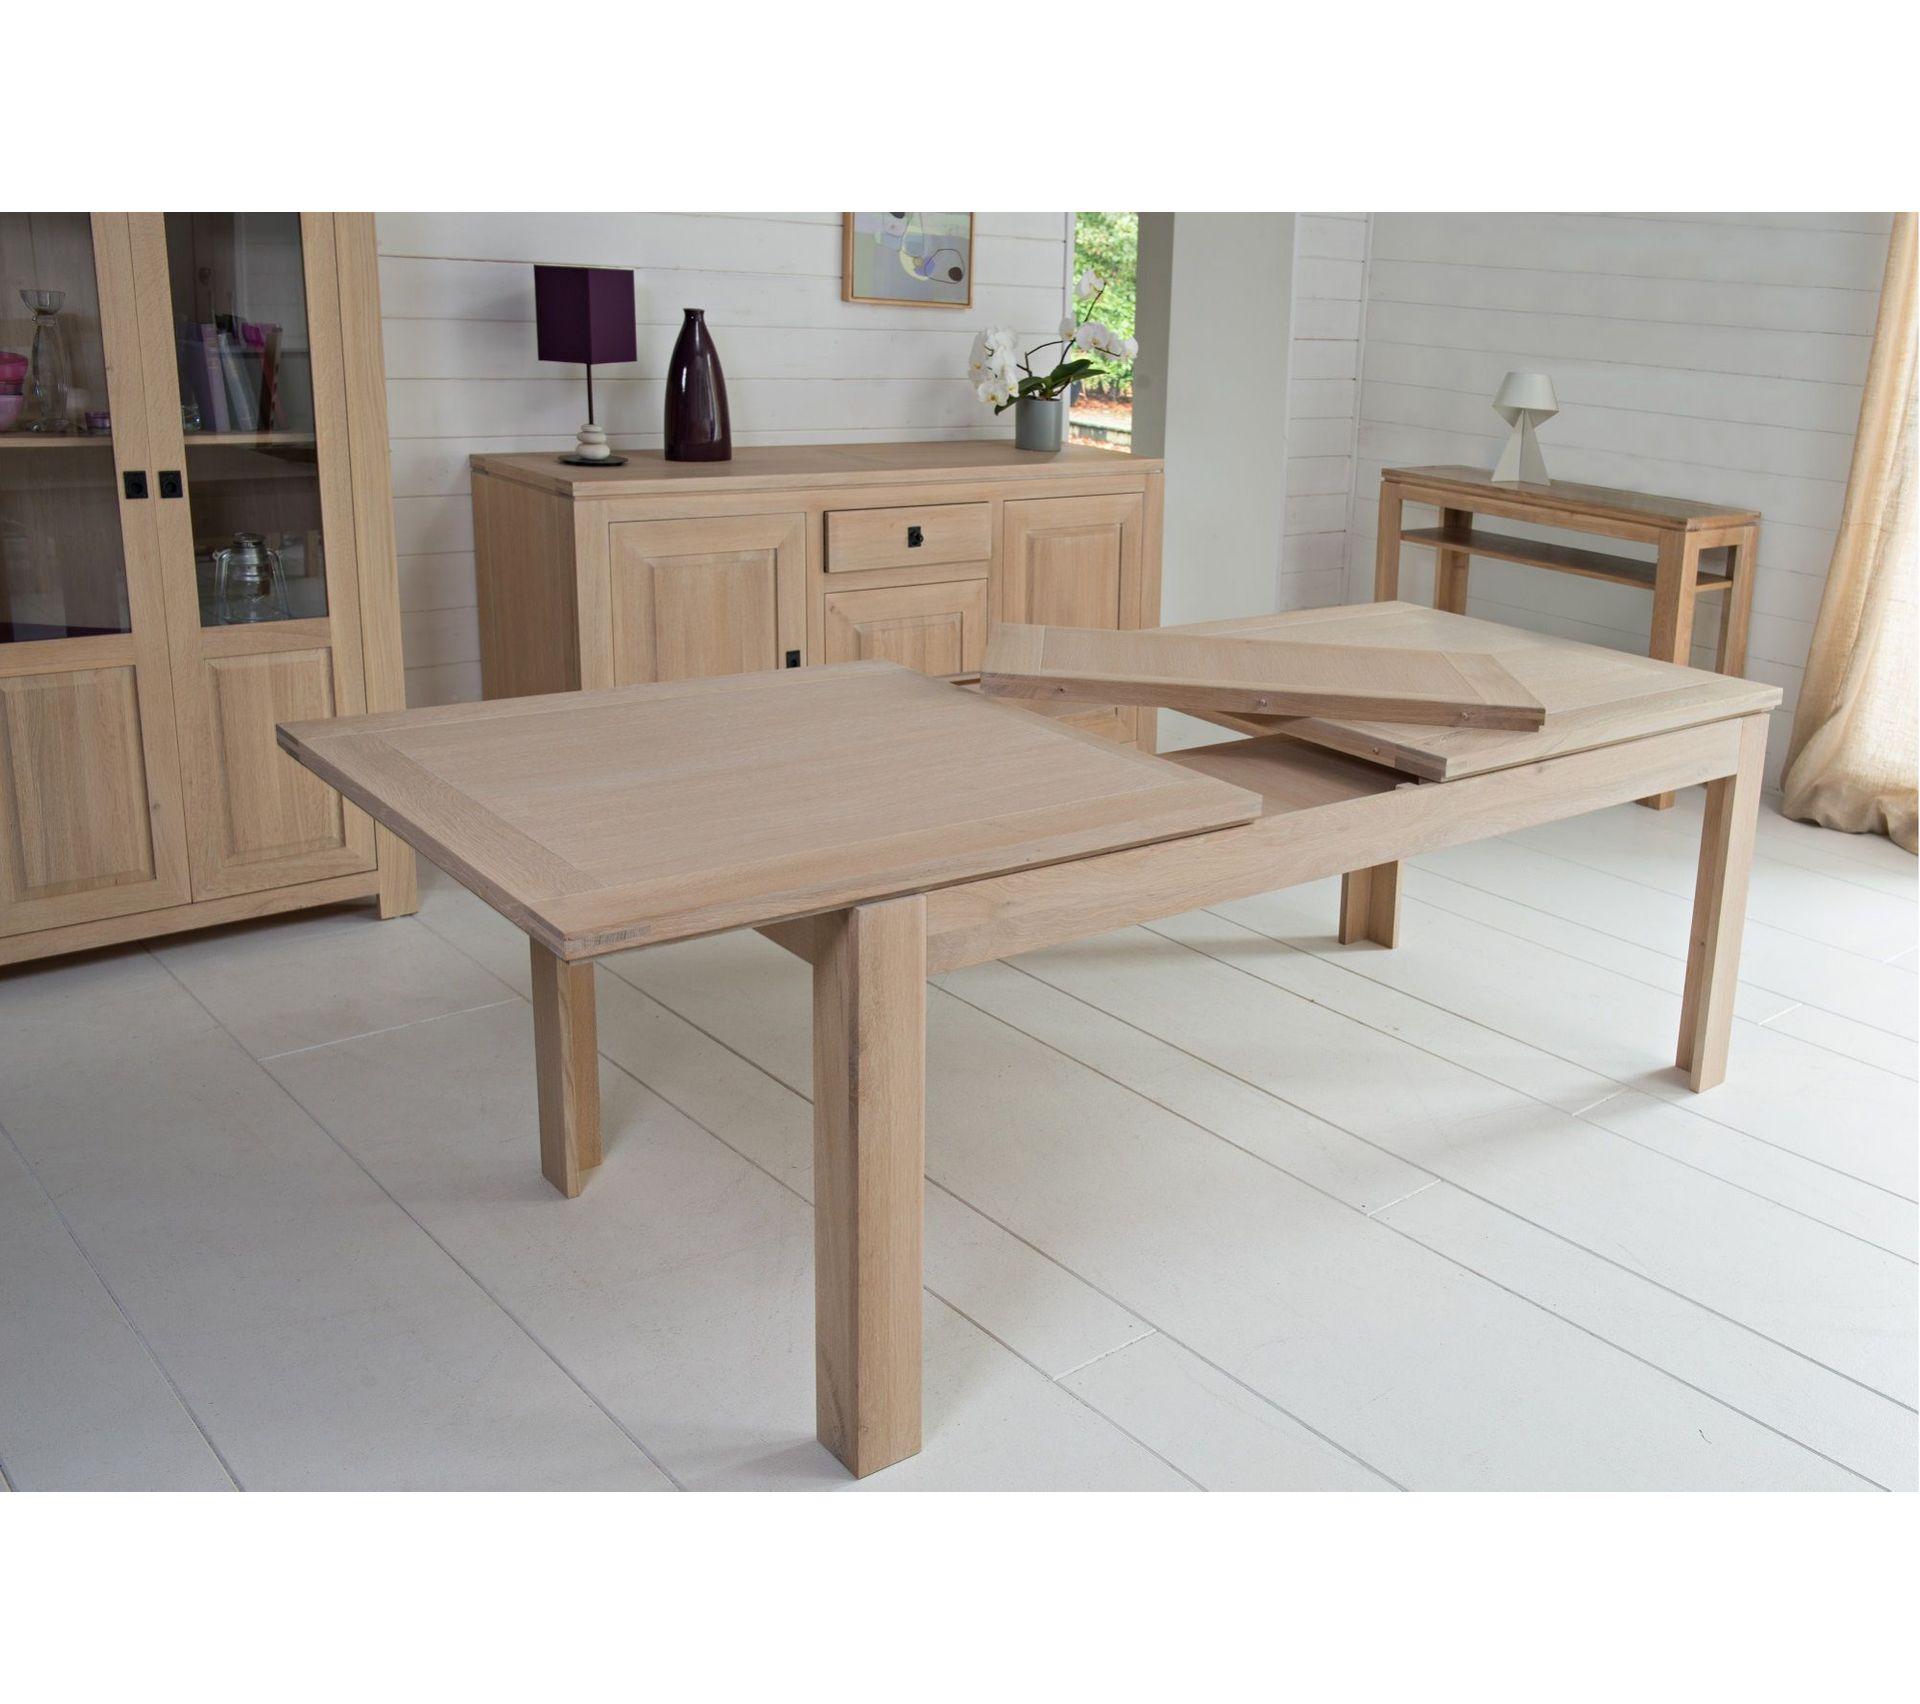 Table En Bois Chene Clair table moderne extensible boston - bois chêne blanchi massif